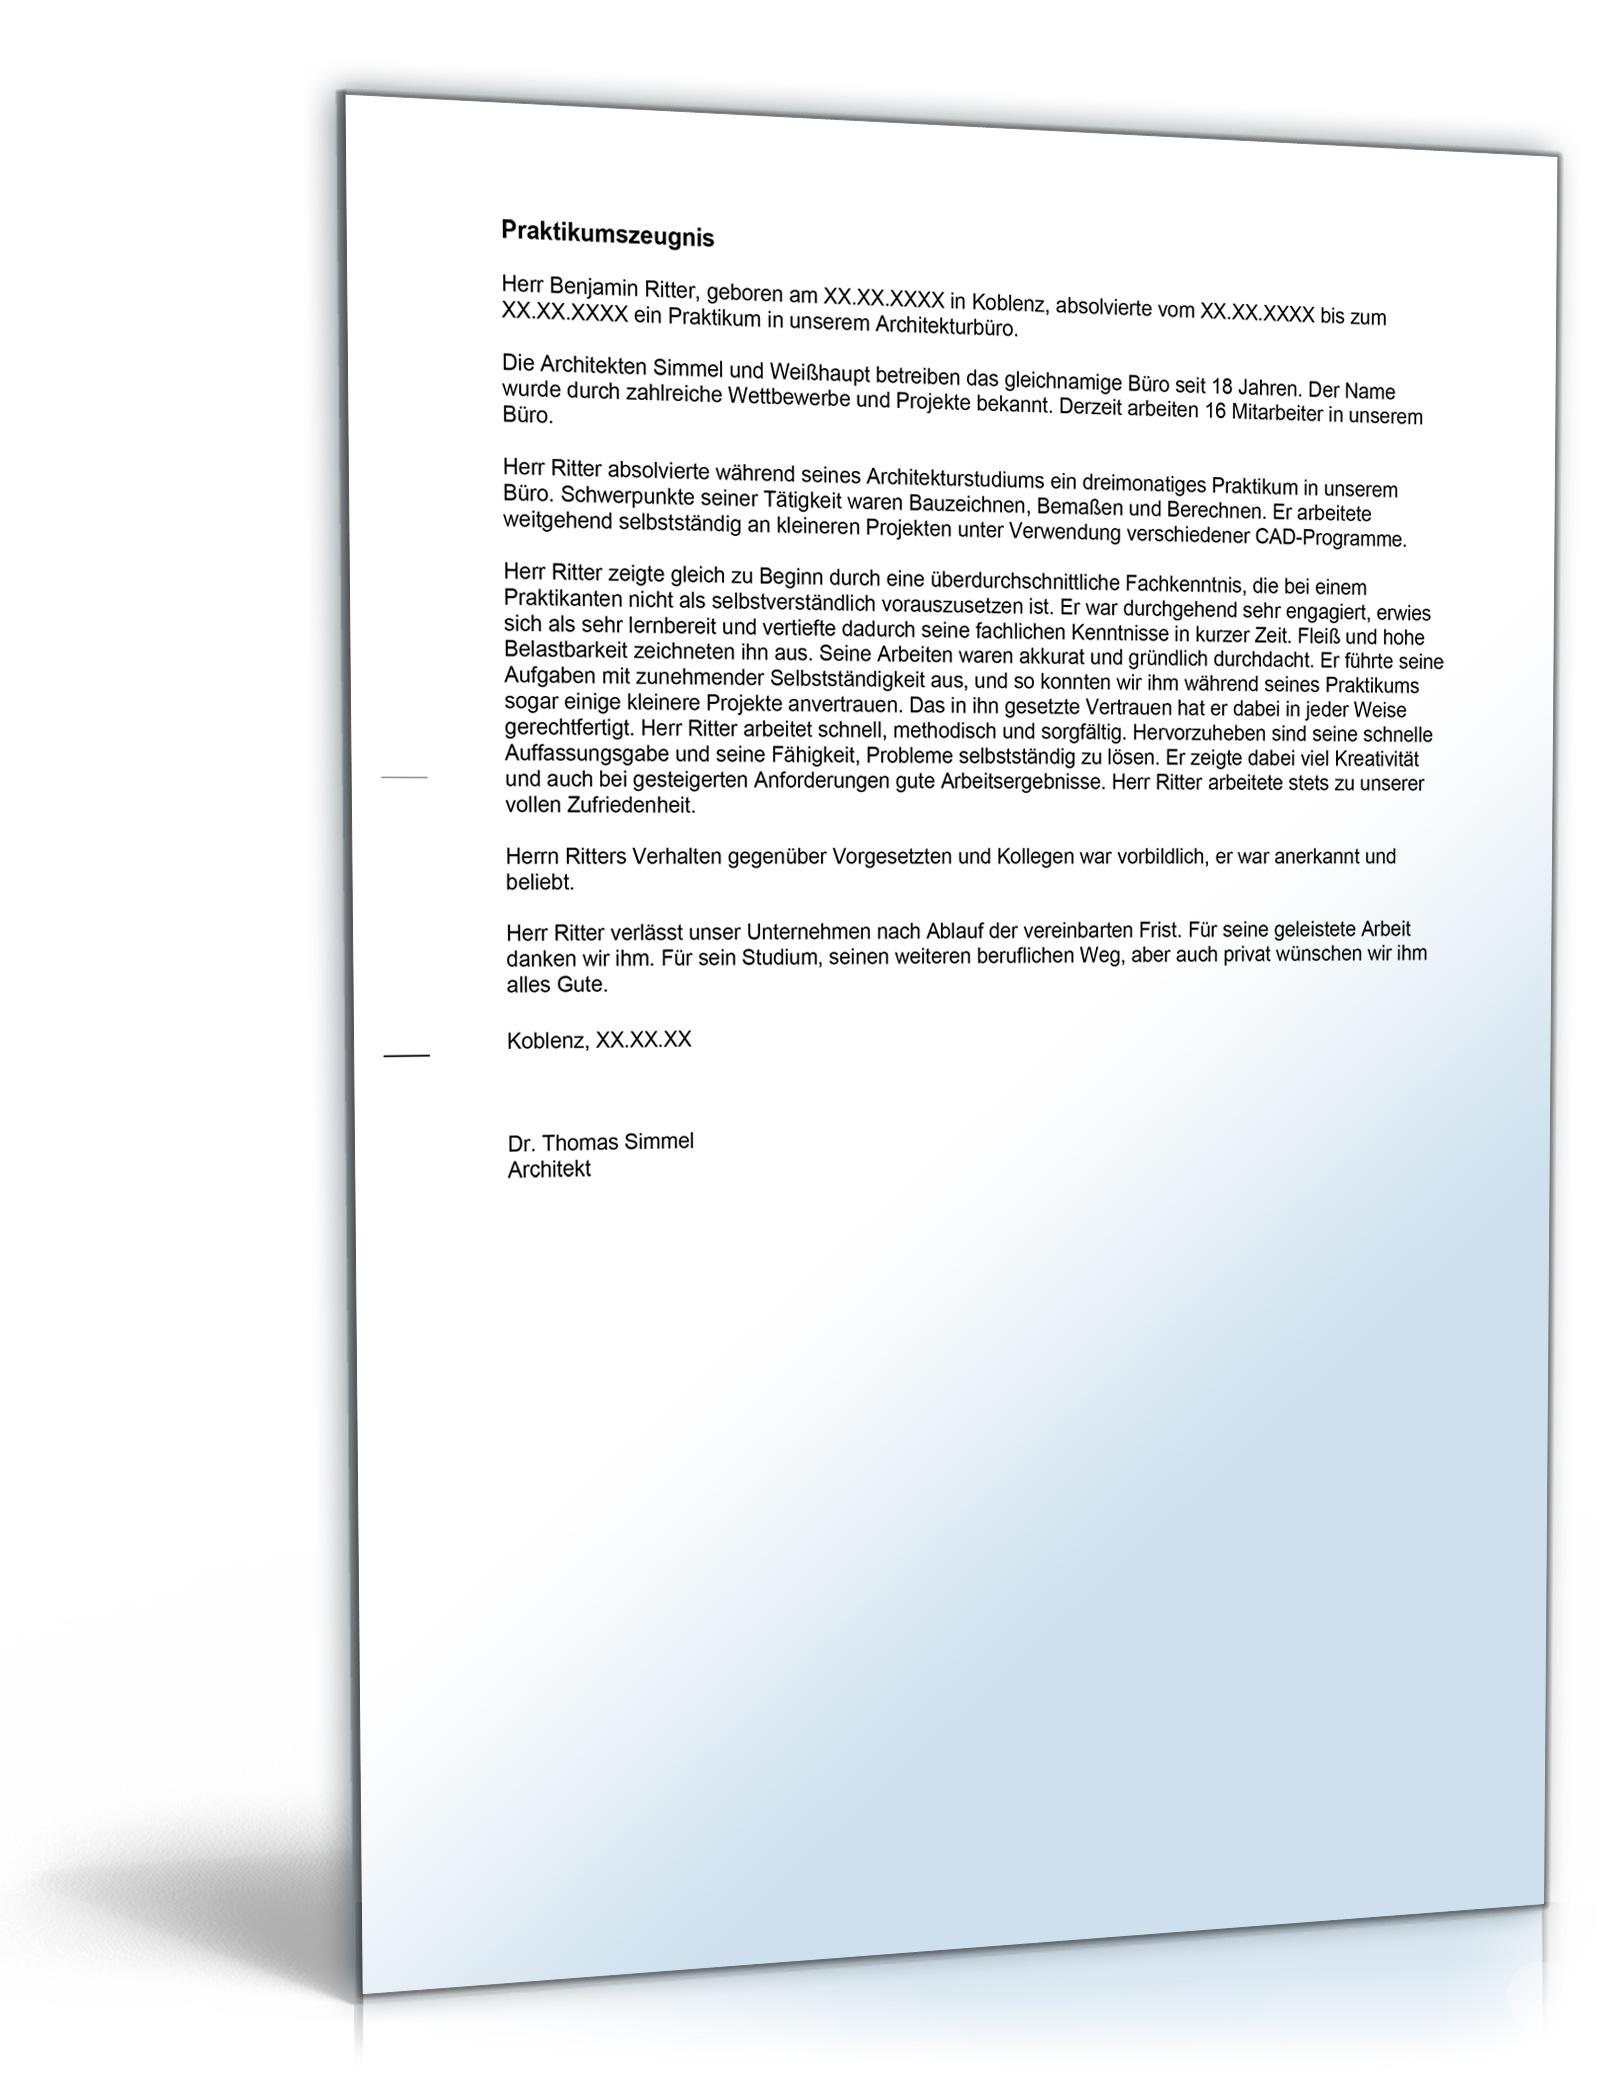 praktikumszeugnis bauzeichner im architekturbro note zwei word dokument download amazonde software - Bewerbung Chemikant